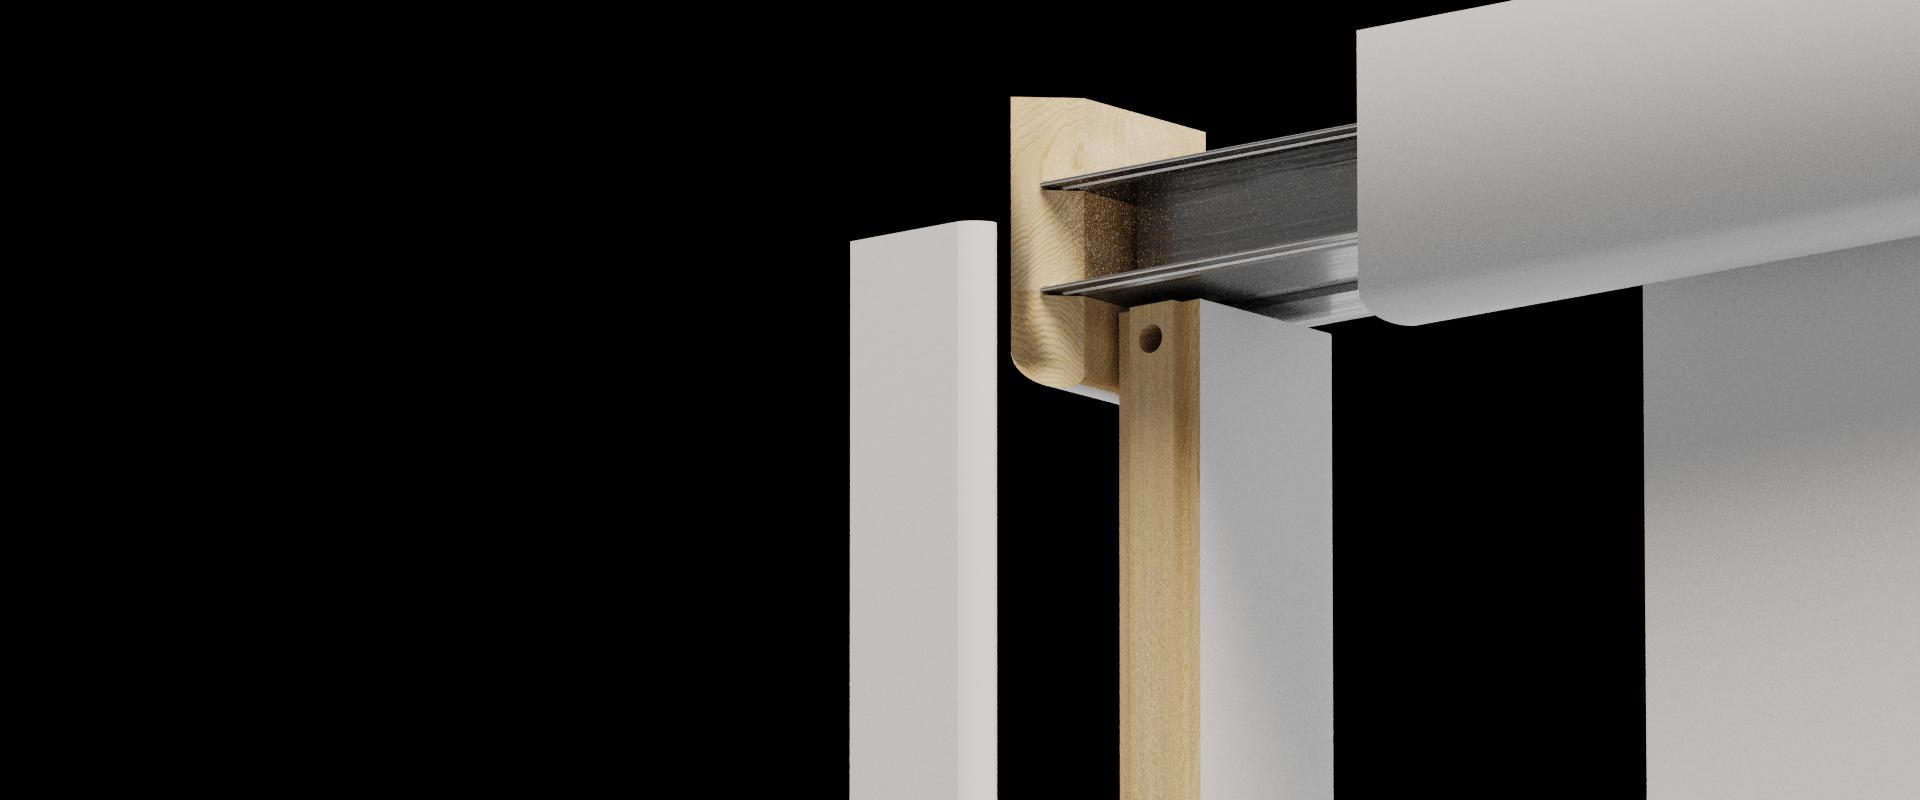 Porte coulissante en applique, coulicool, bricolage, porte, porte coulissante, grande surface, bois, porte bois, moderne, tendance, design, contour de porte, recouvrir dormants, nez de cloison